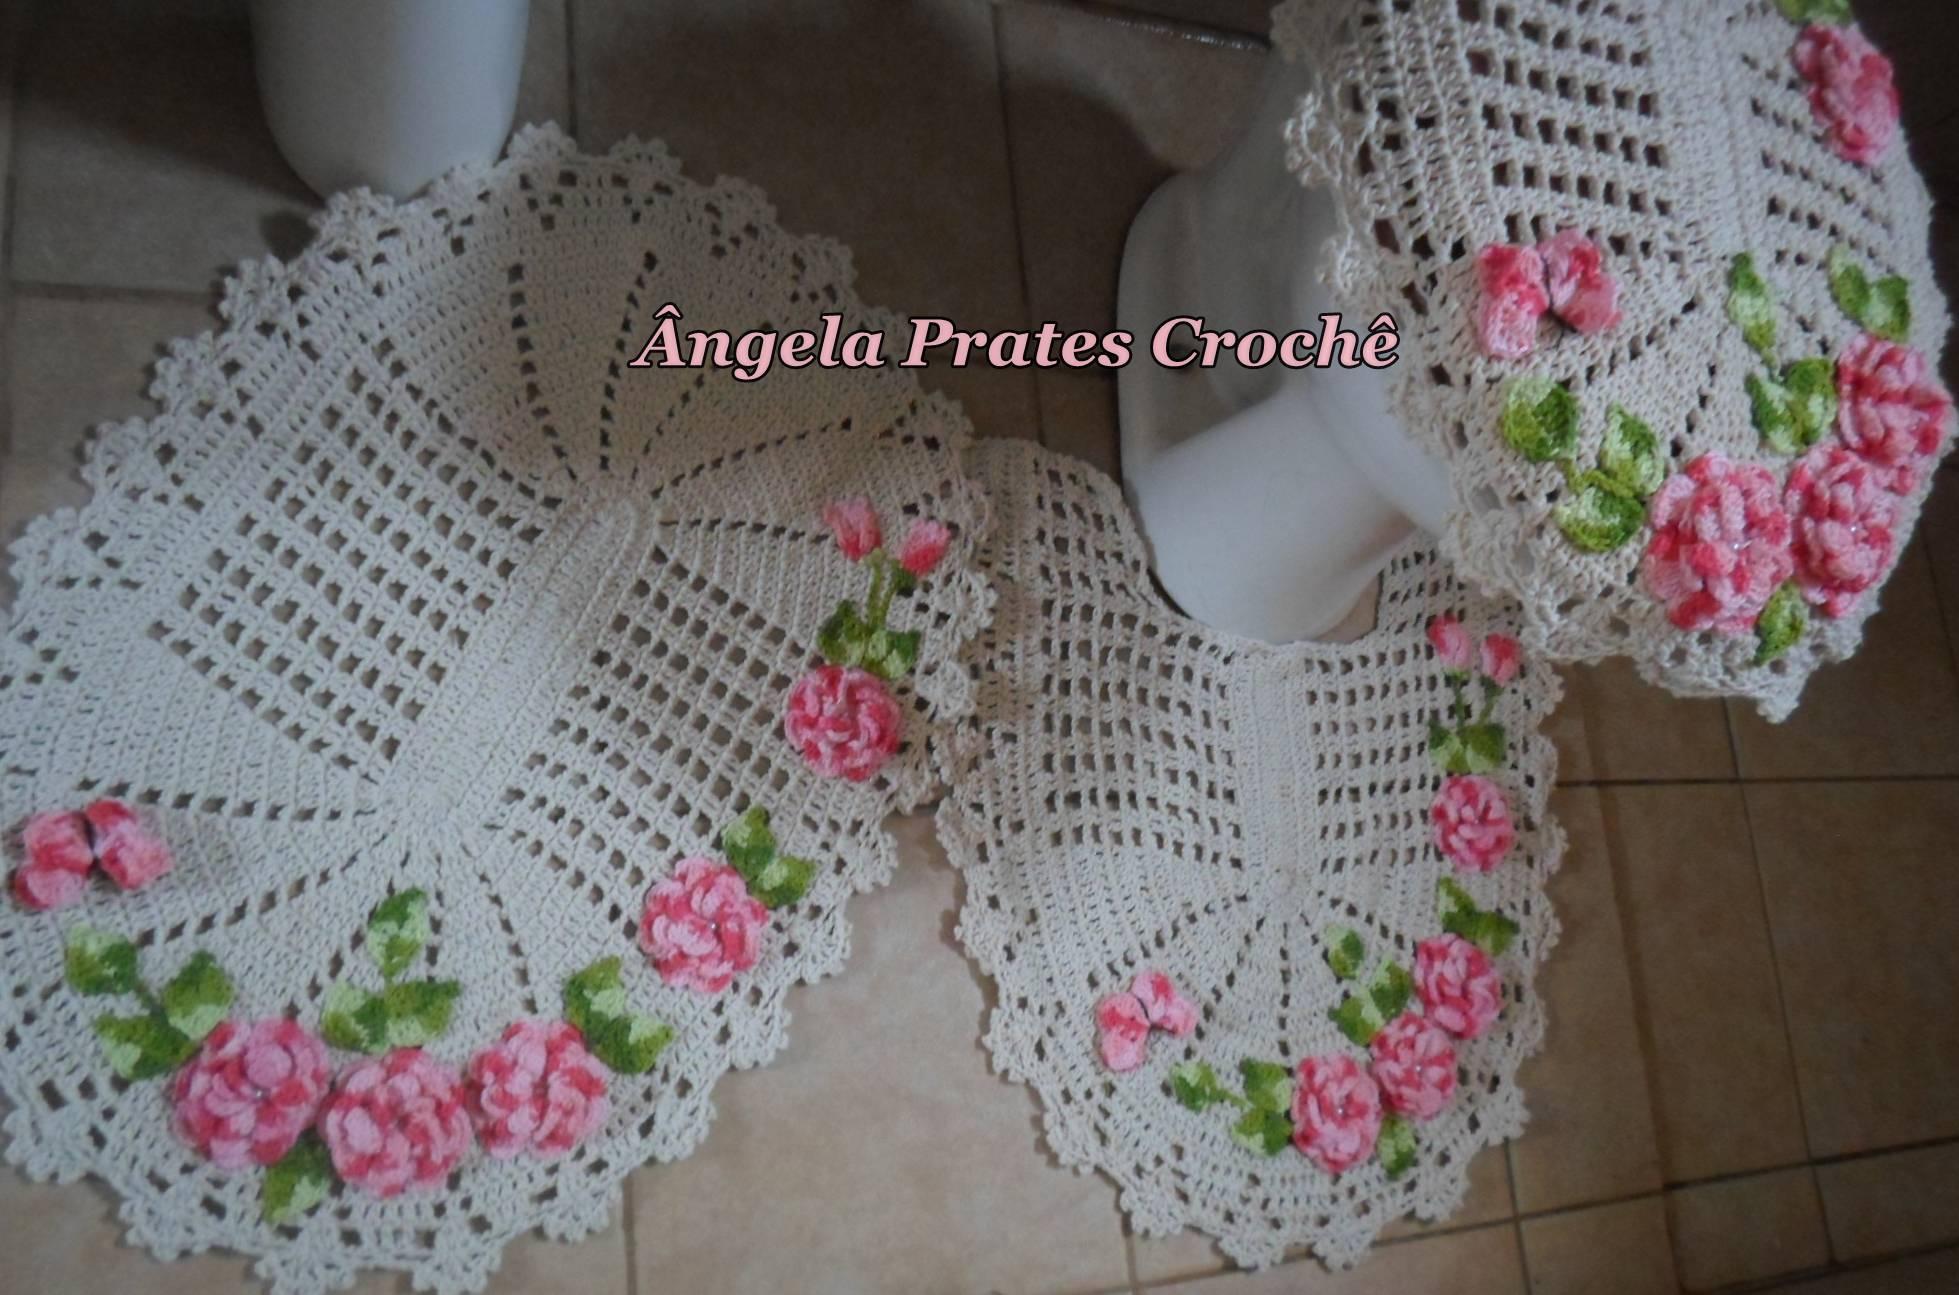 Imagens de #496030 jogo de banheiro flores rosas jogos de banheiro 1959x1295 px 3316 Boutique Do Banheiro Campo Grande Ms